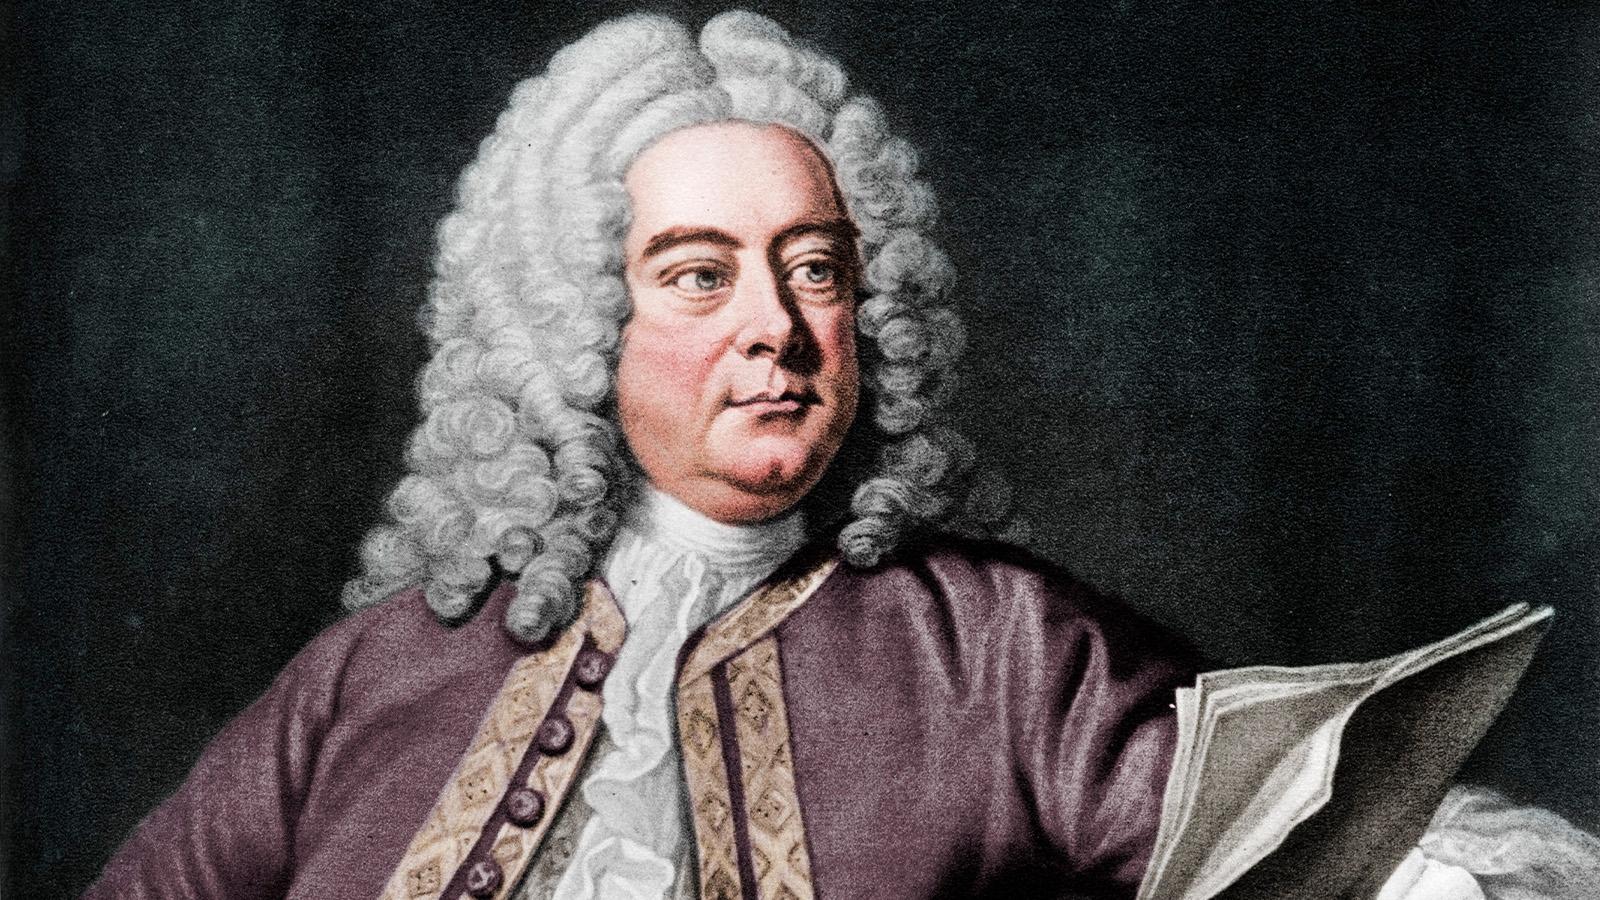 Handel composer